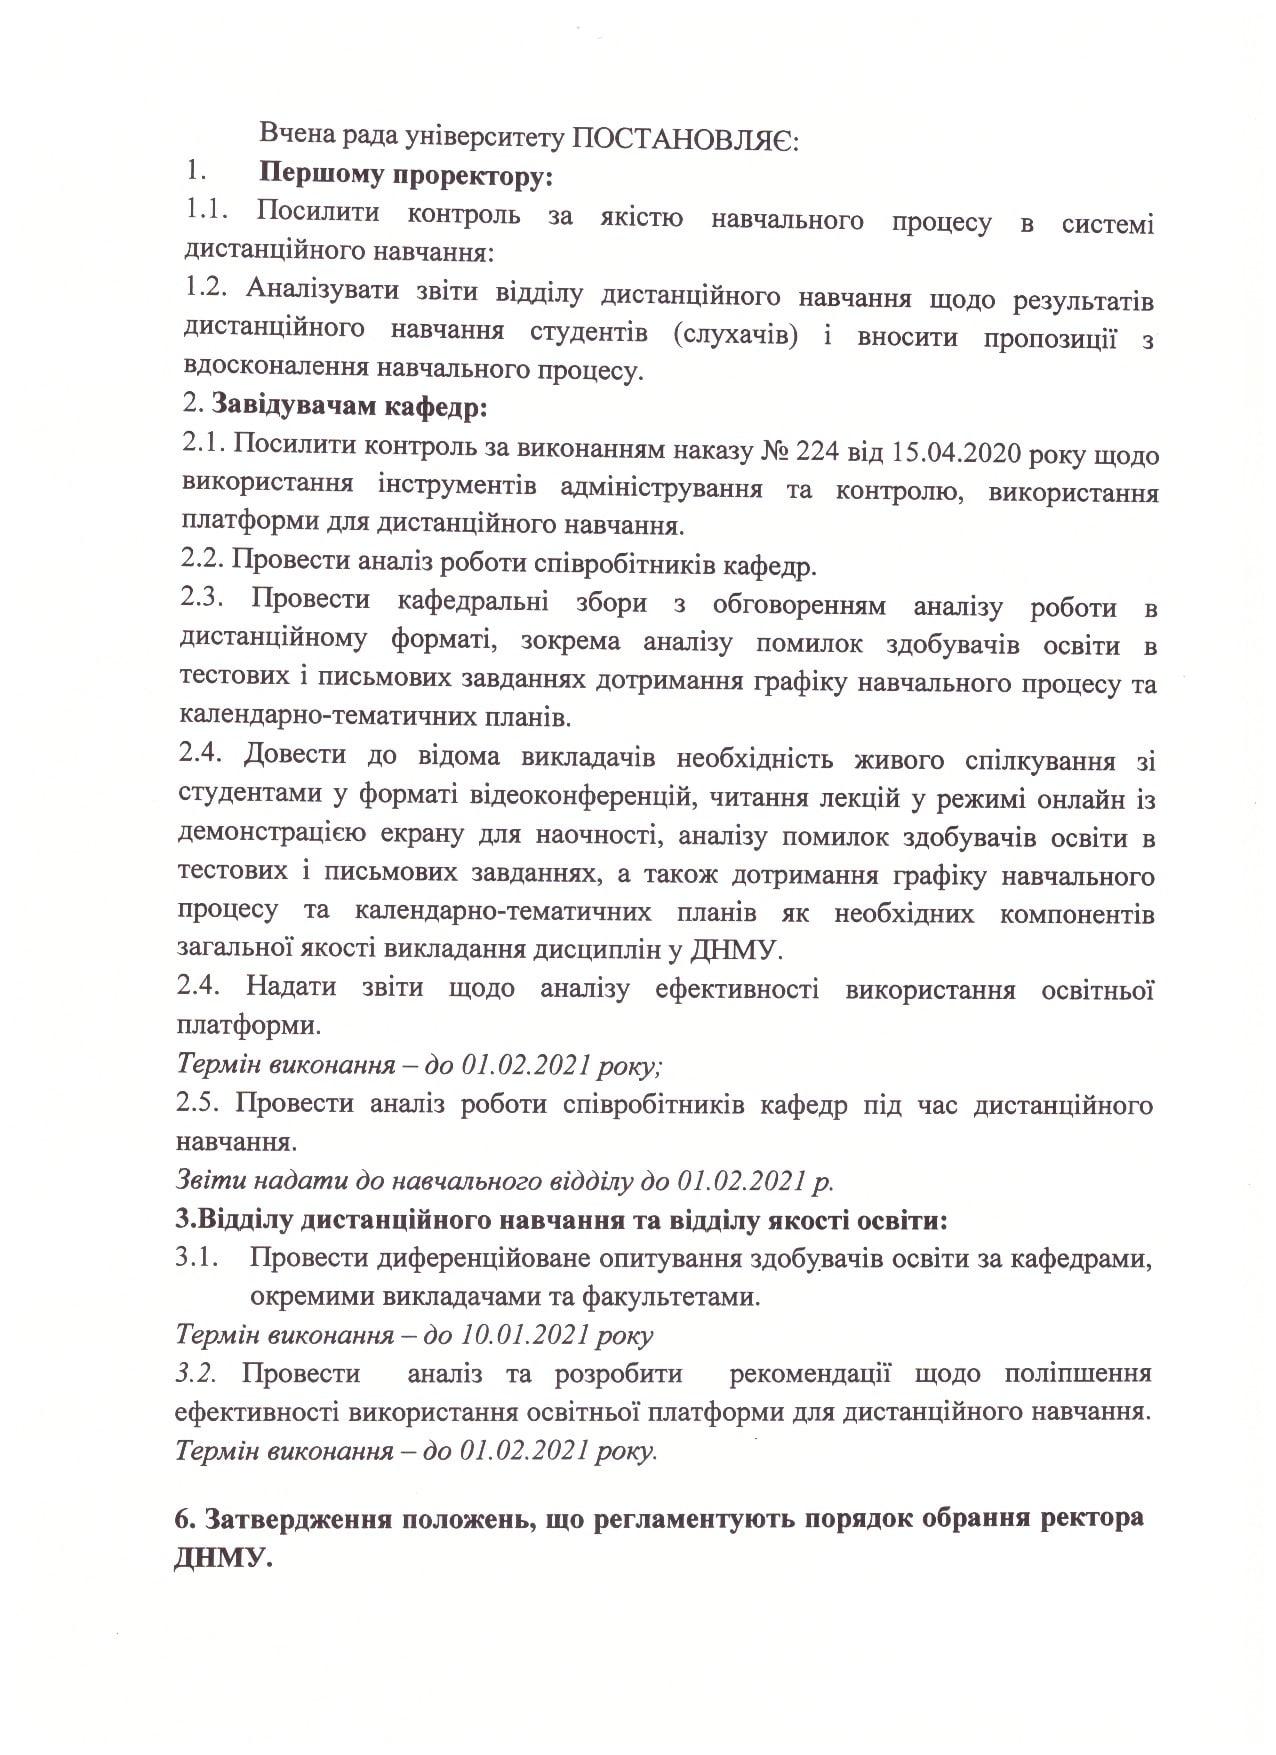 rishennya vr protokol 5 10.12 5